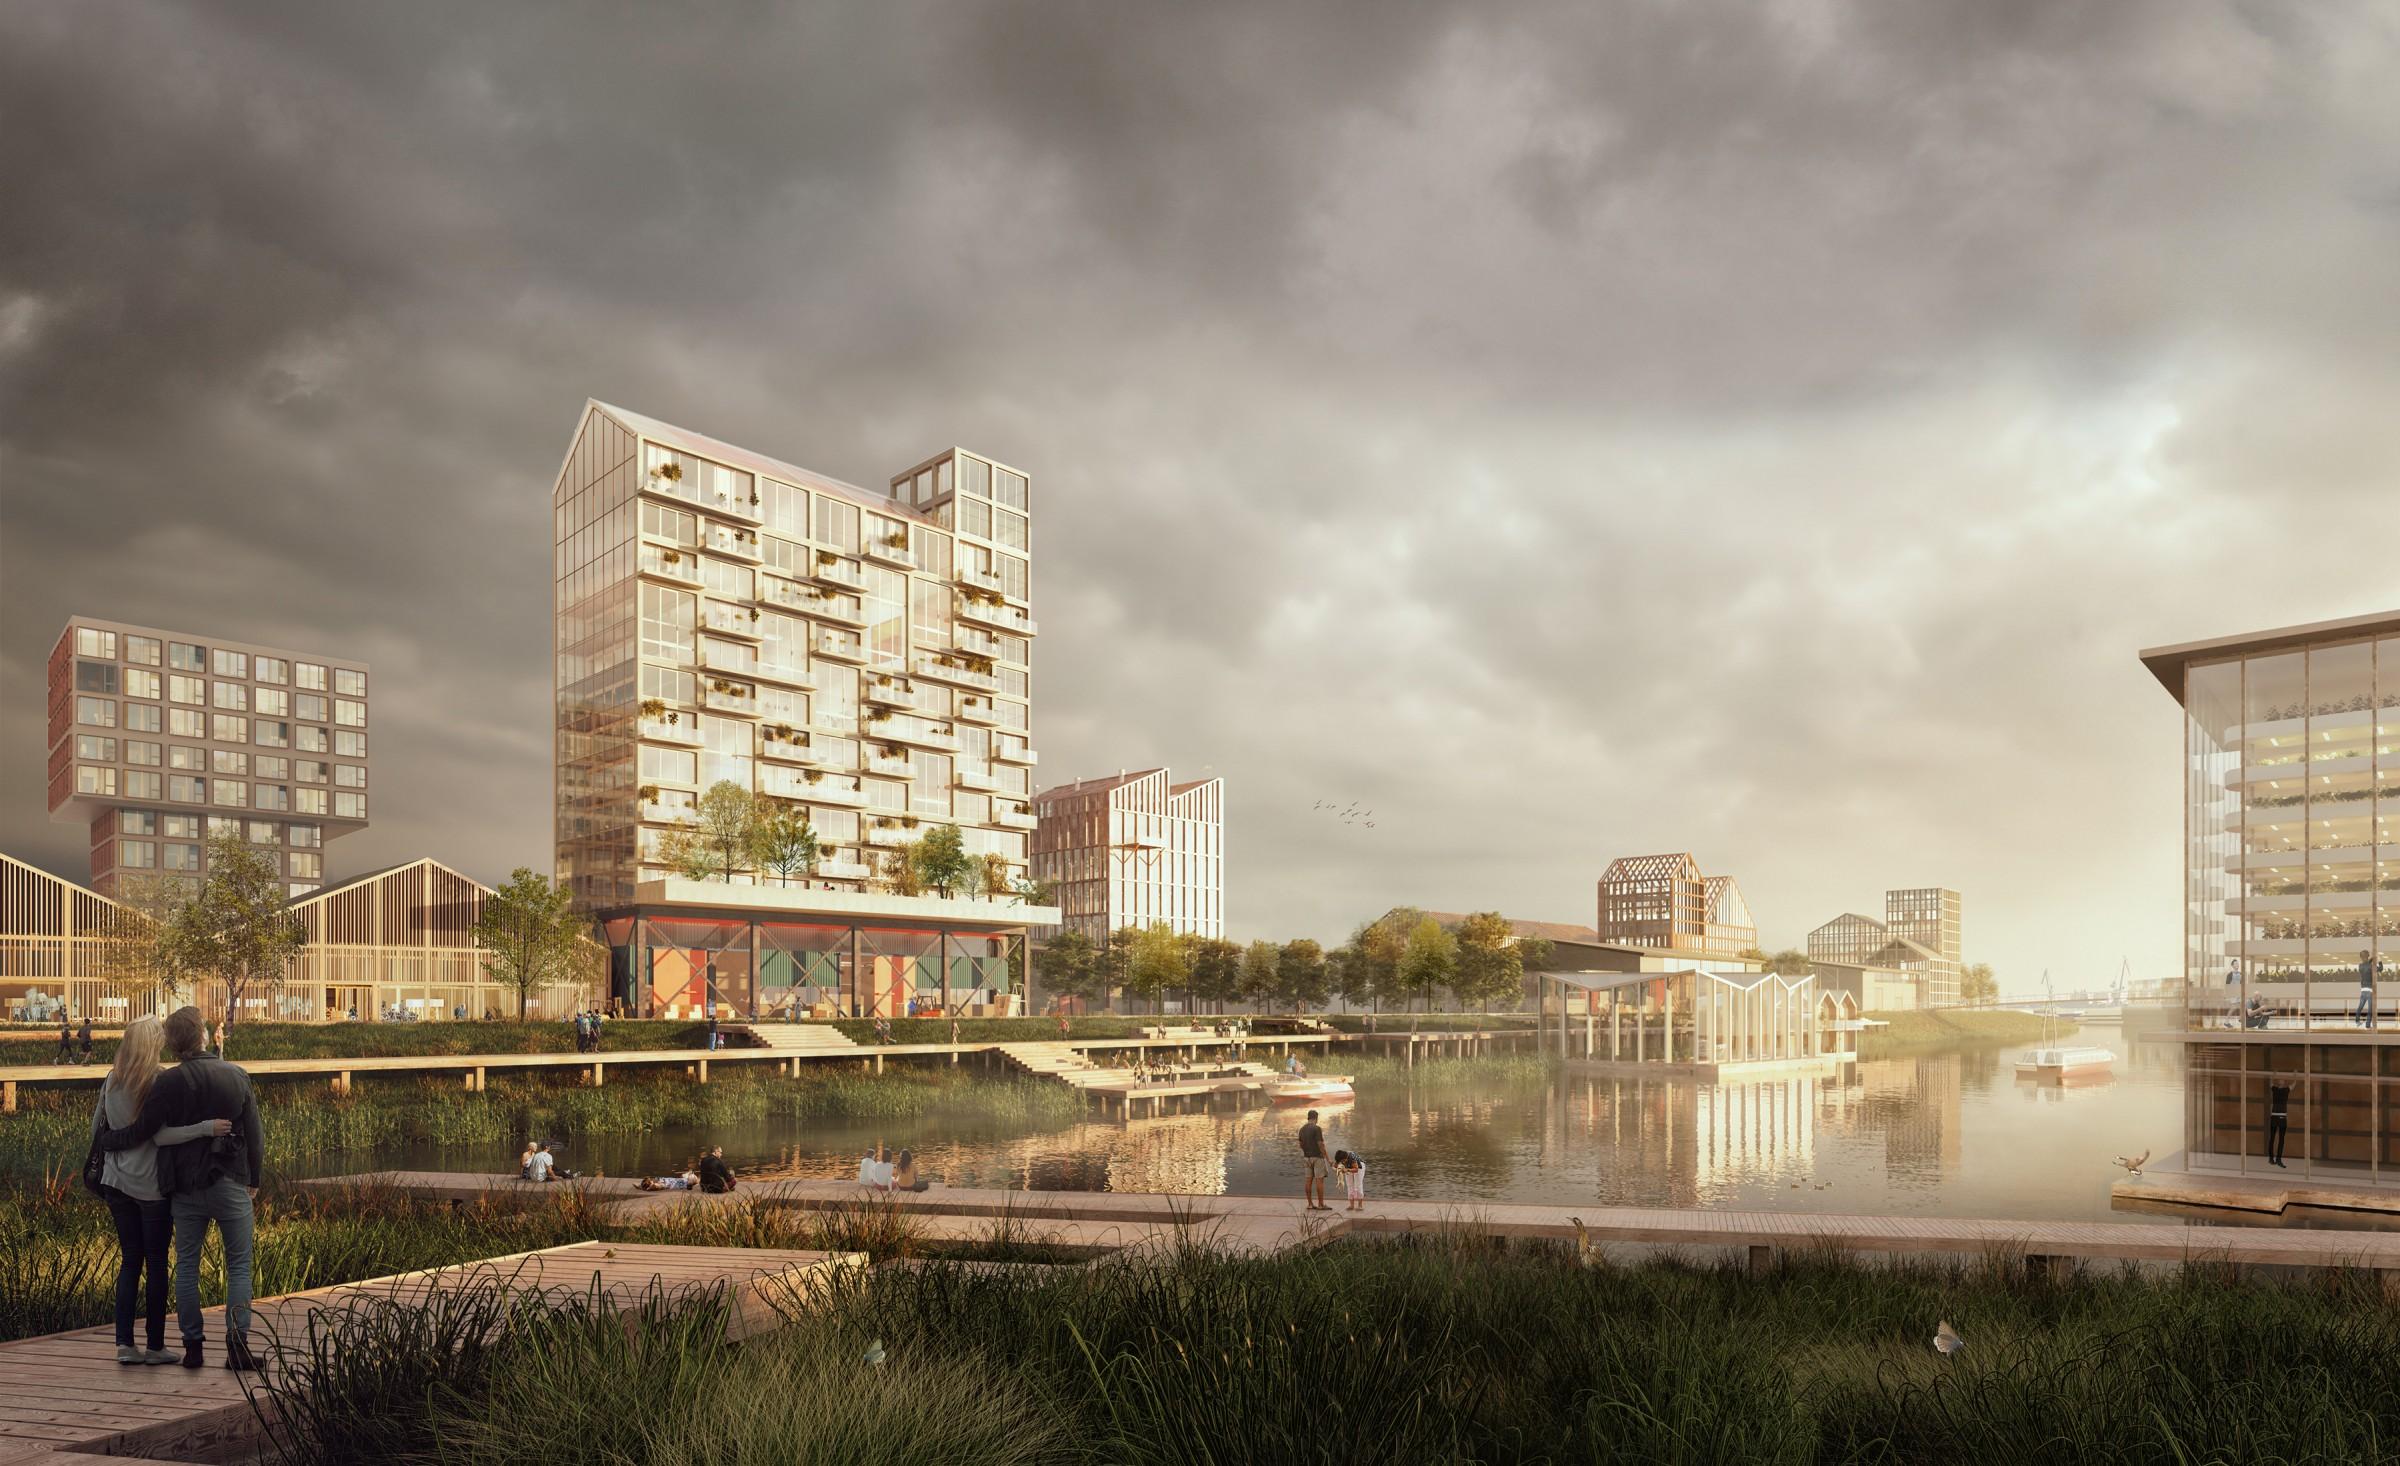 <p>M4H &#8211; Impressie van de getijdenparken in de dokken &#8211; DELVA Landscape Architecture   Urbanism</p>